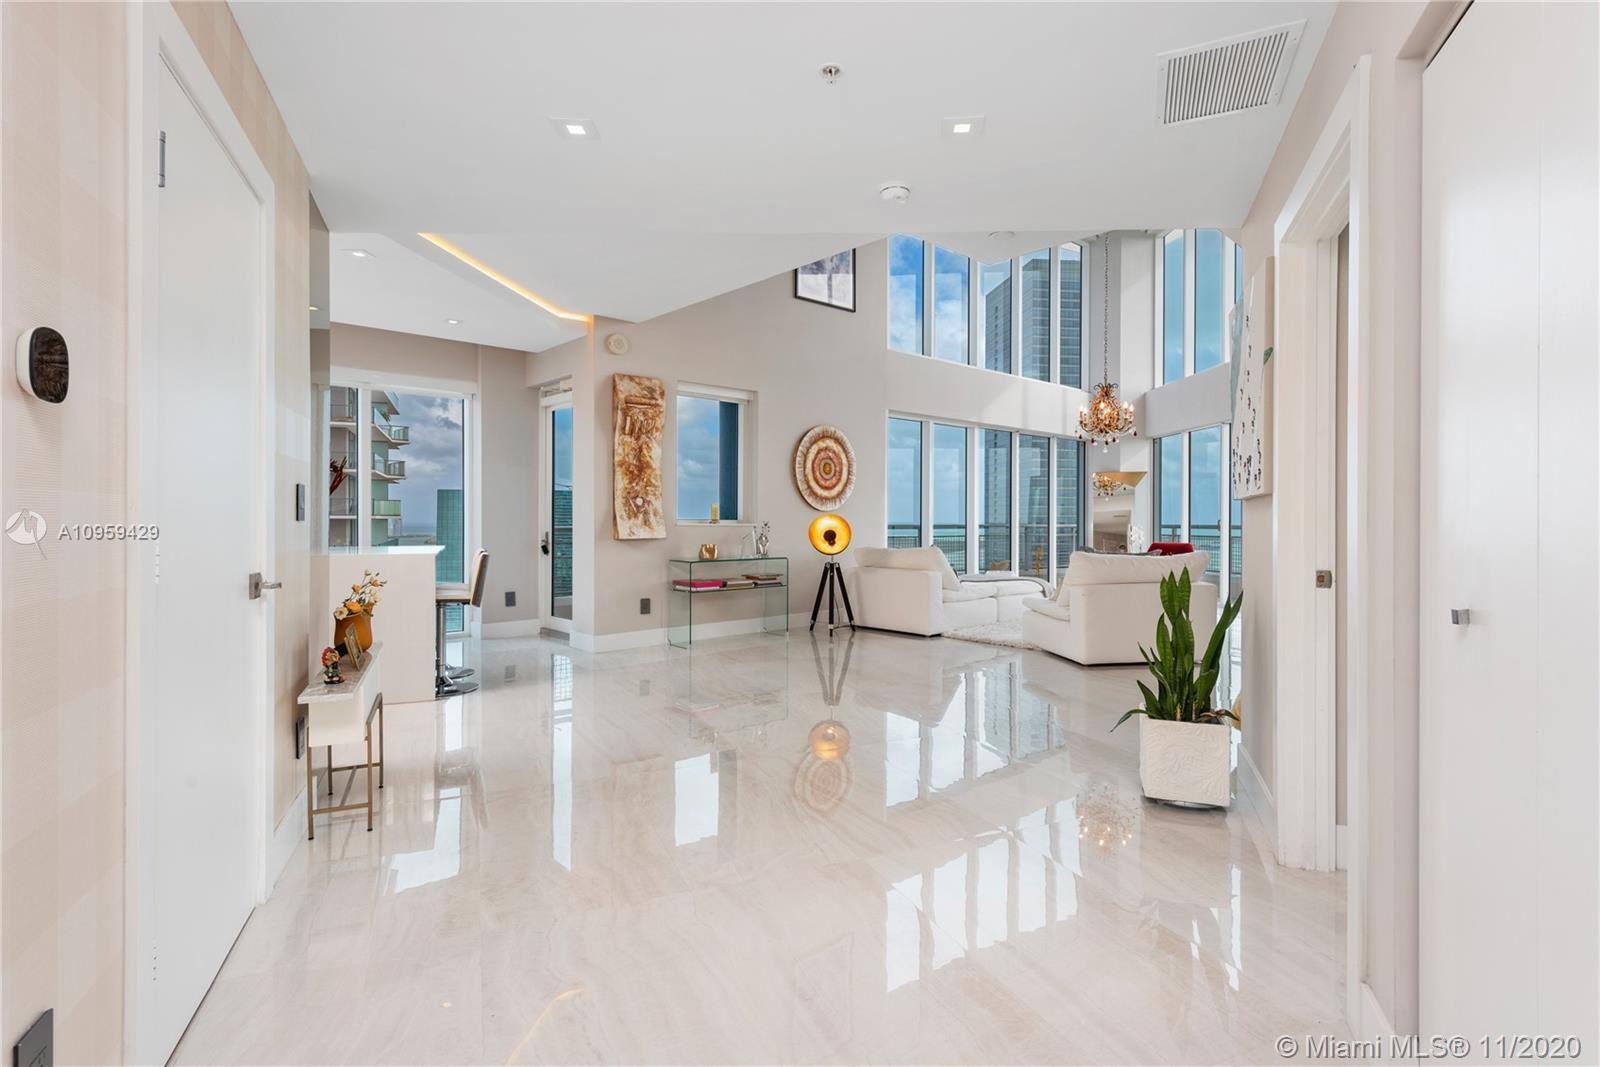 60 SW 13th St #4200, Miami, FL 33130 - #: A10959429